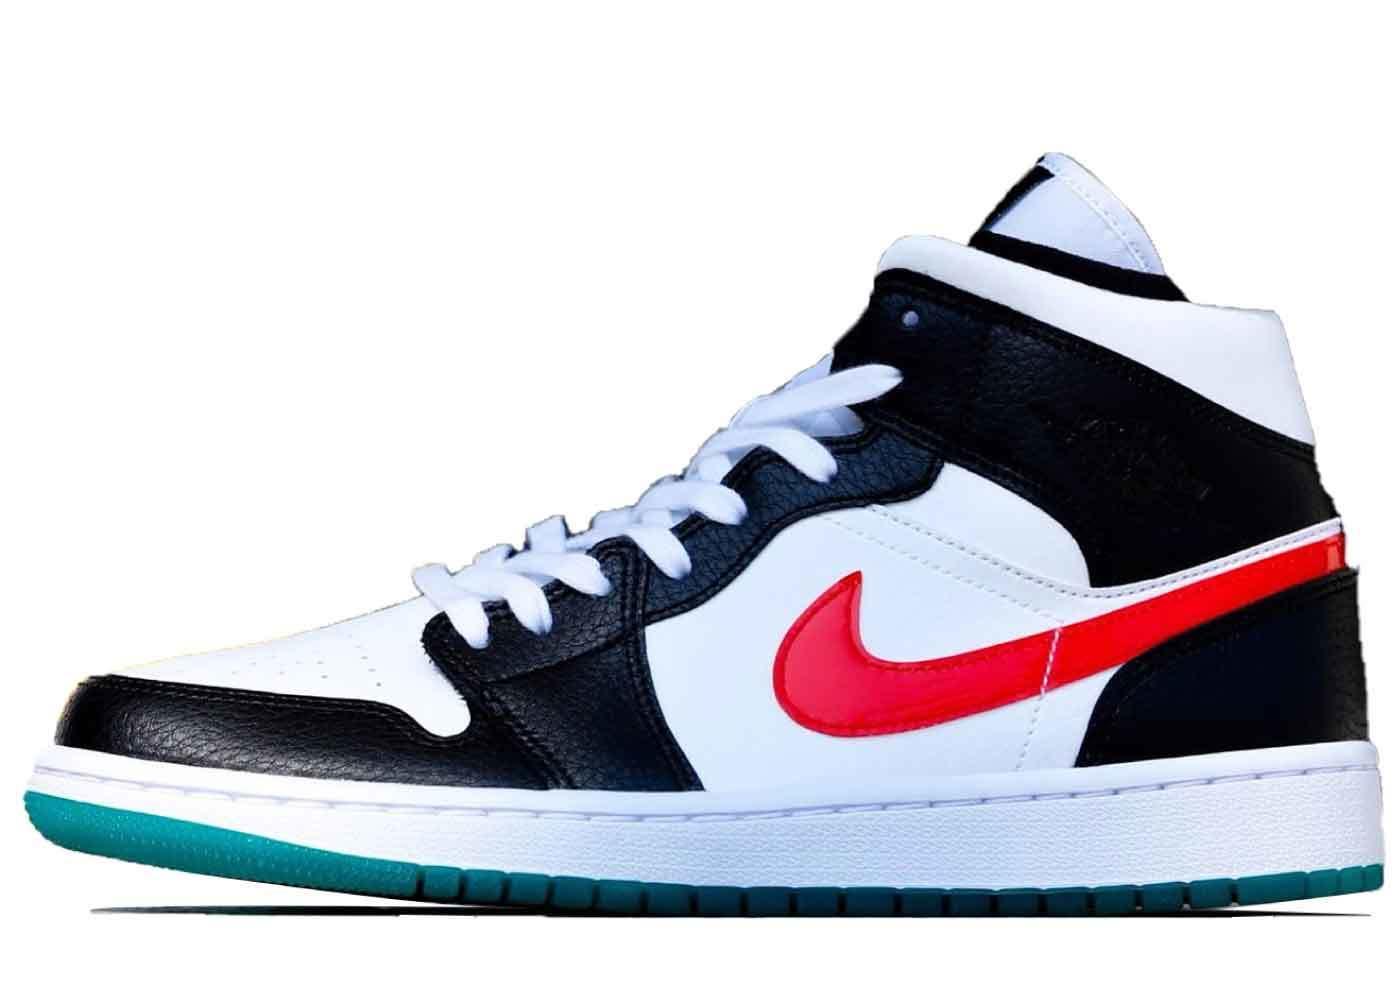 Nike Air Jordan 1 Mid Black/University Red/White/Lucid Green Womensの写真